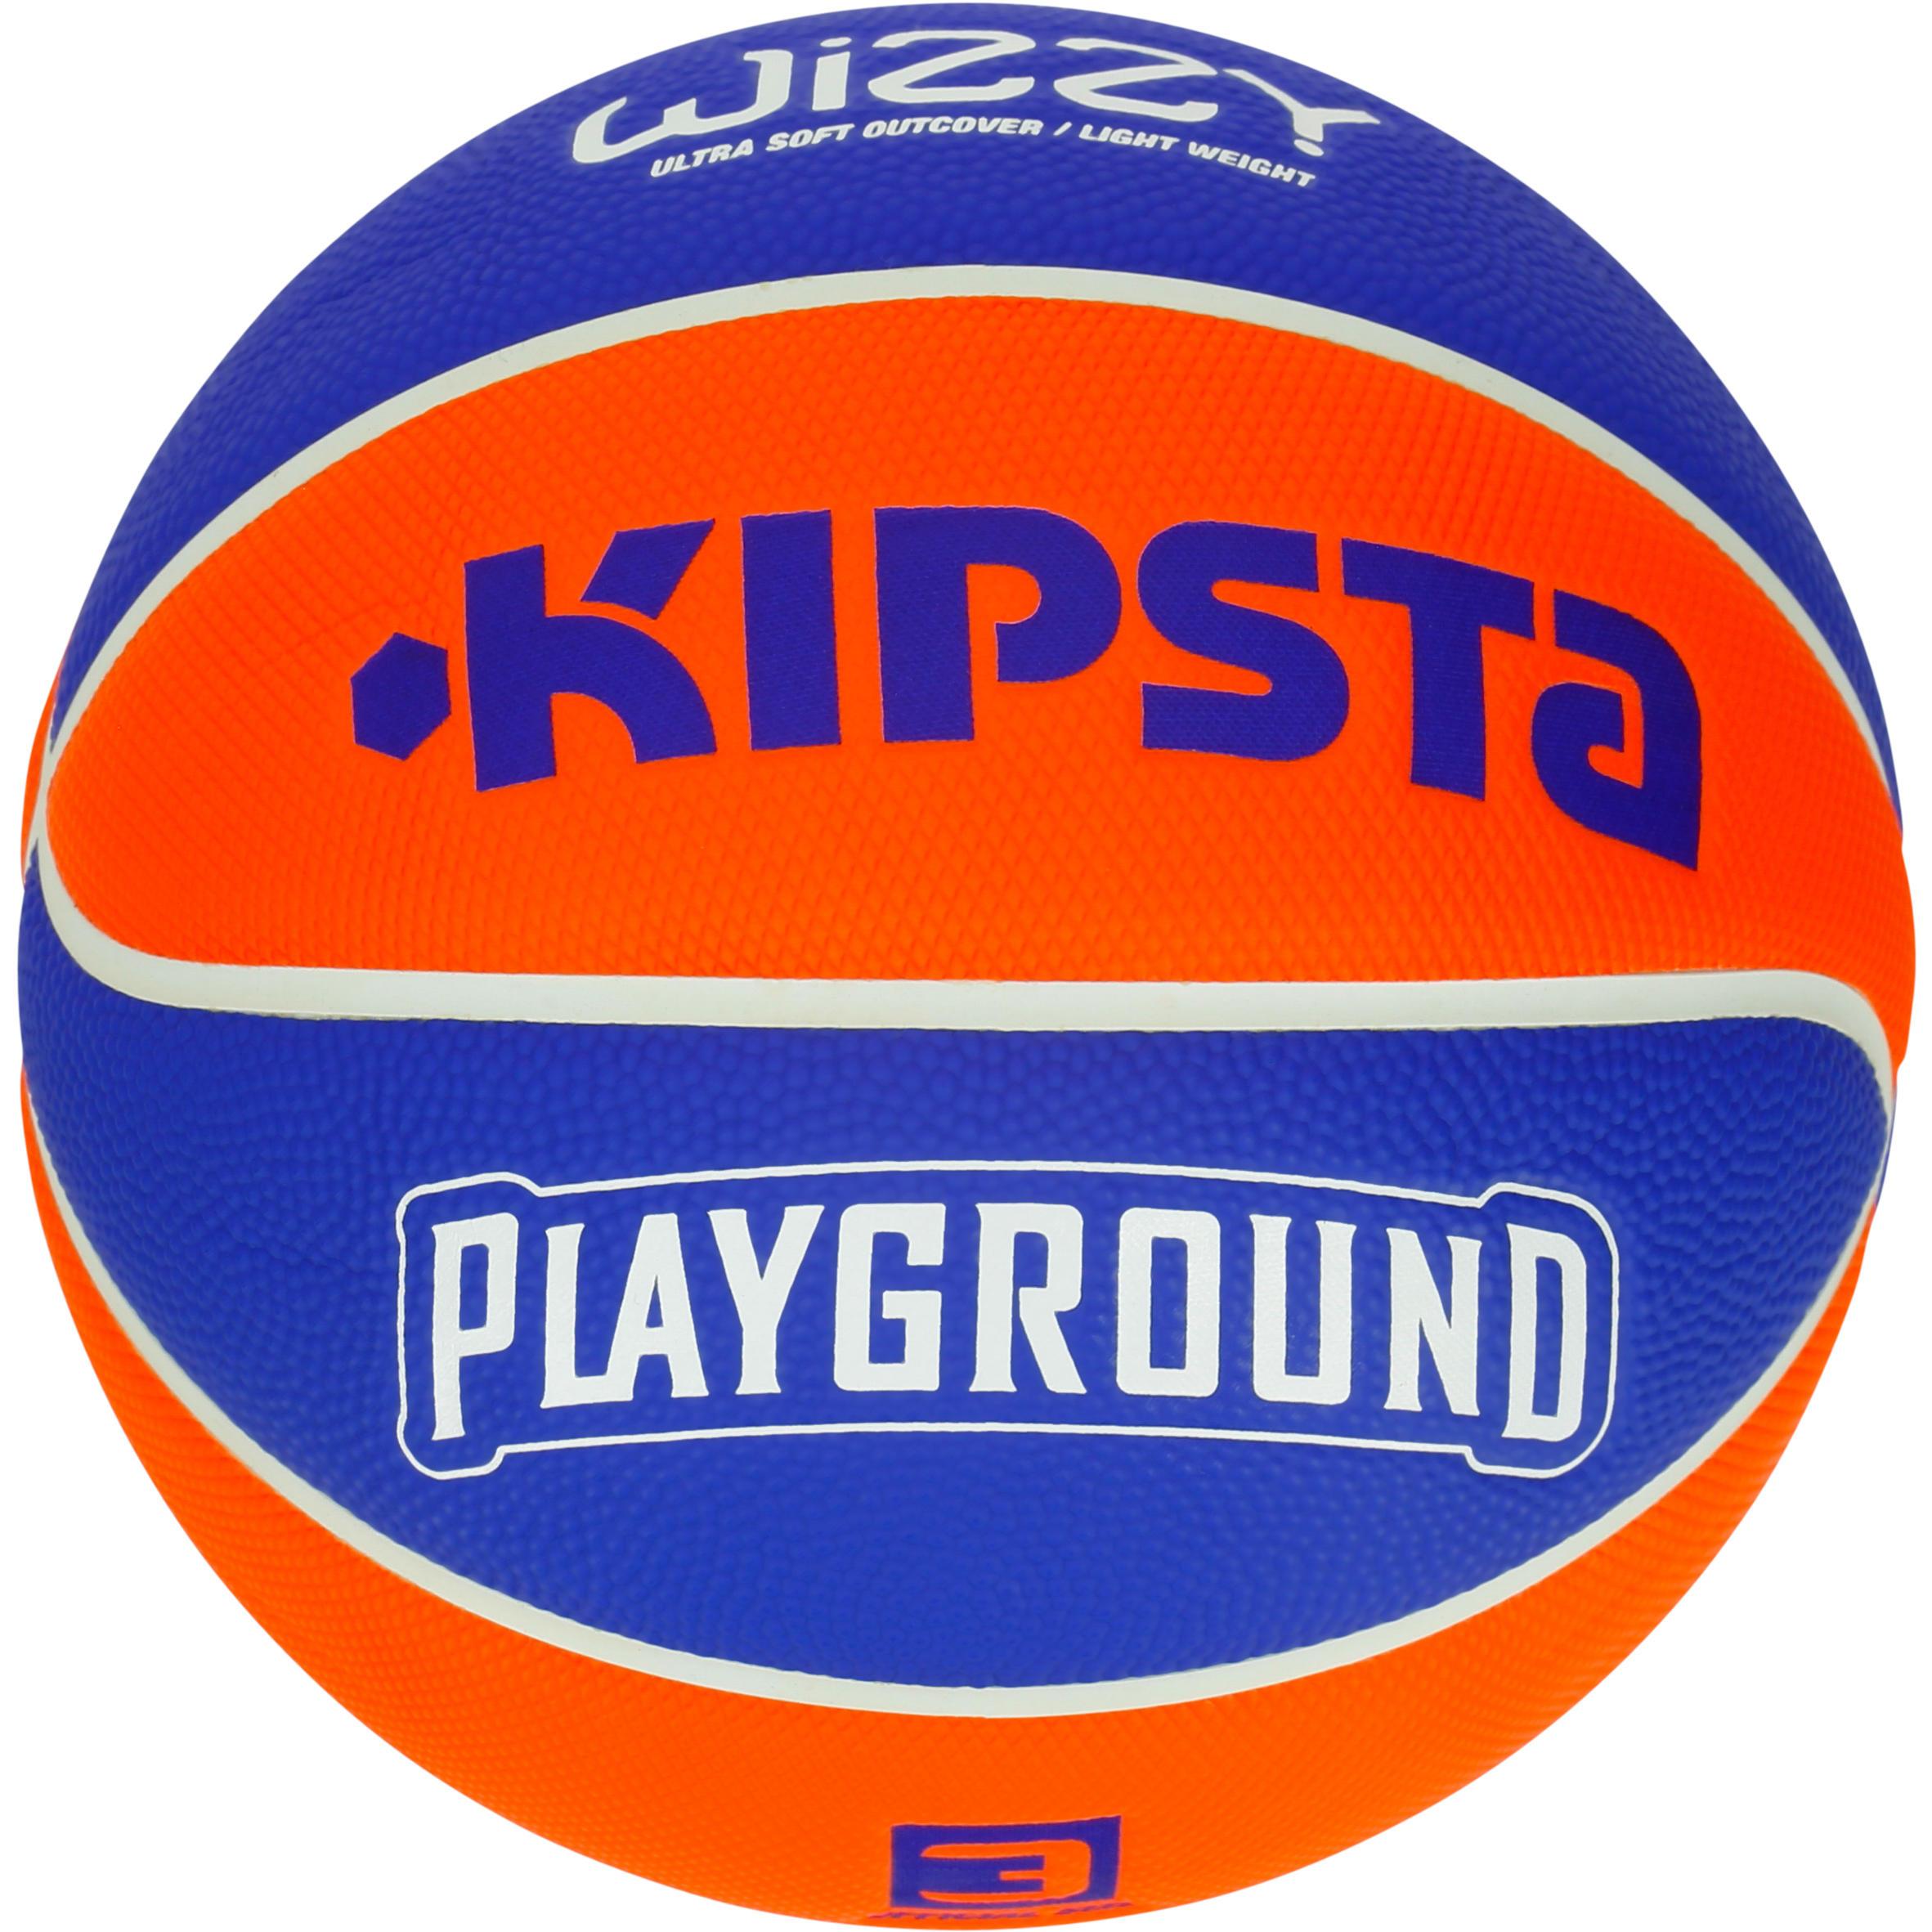 Tarmak Basketbal Wizzy voor kinderen maat 3 Playground blauw/oranje